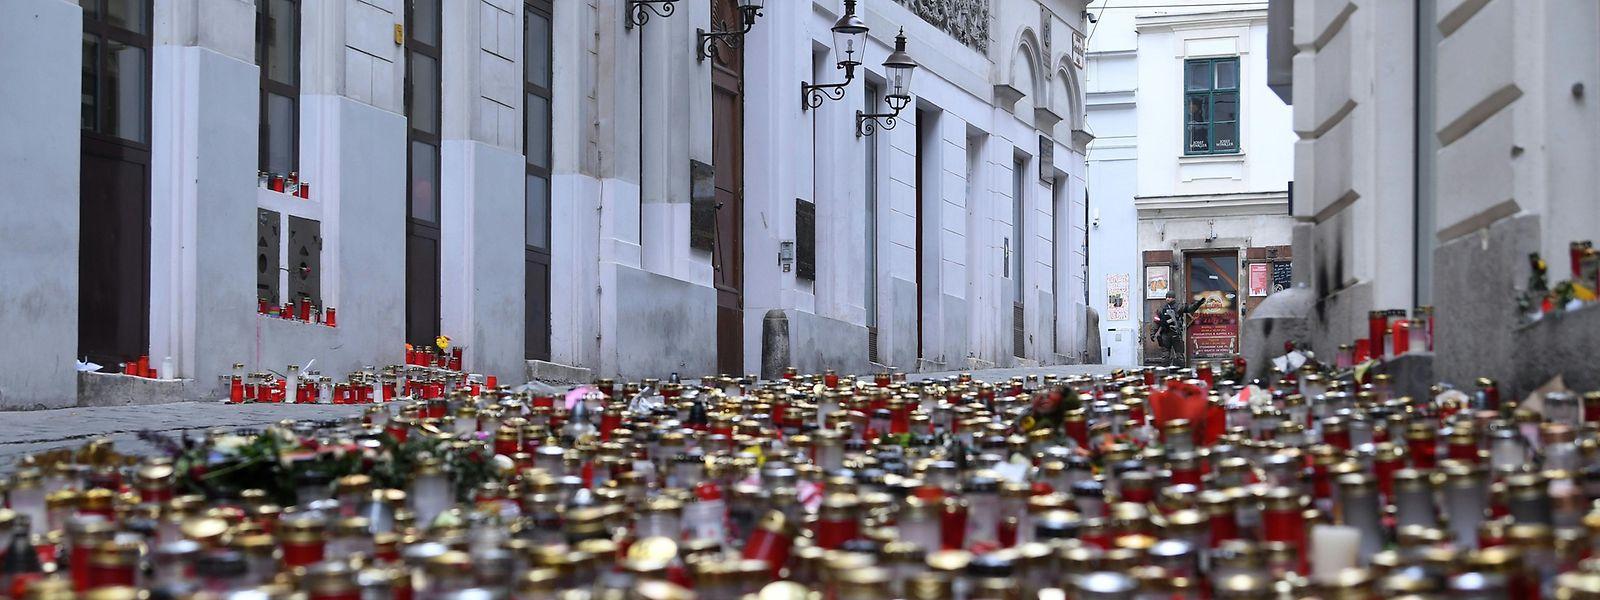 Kerzen und Blumen stehen als Gedenken an die Opfer des Terrorangriff am 2. November am Tatort in der Seitenstettengassen. Bei dem tödlichen Anschlag eines Islamisten sind vier Zivilisten getötet worden.